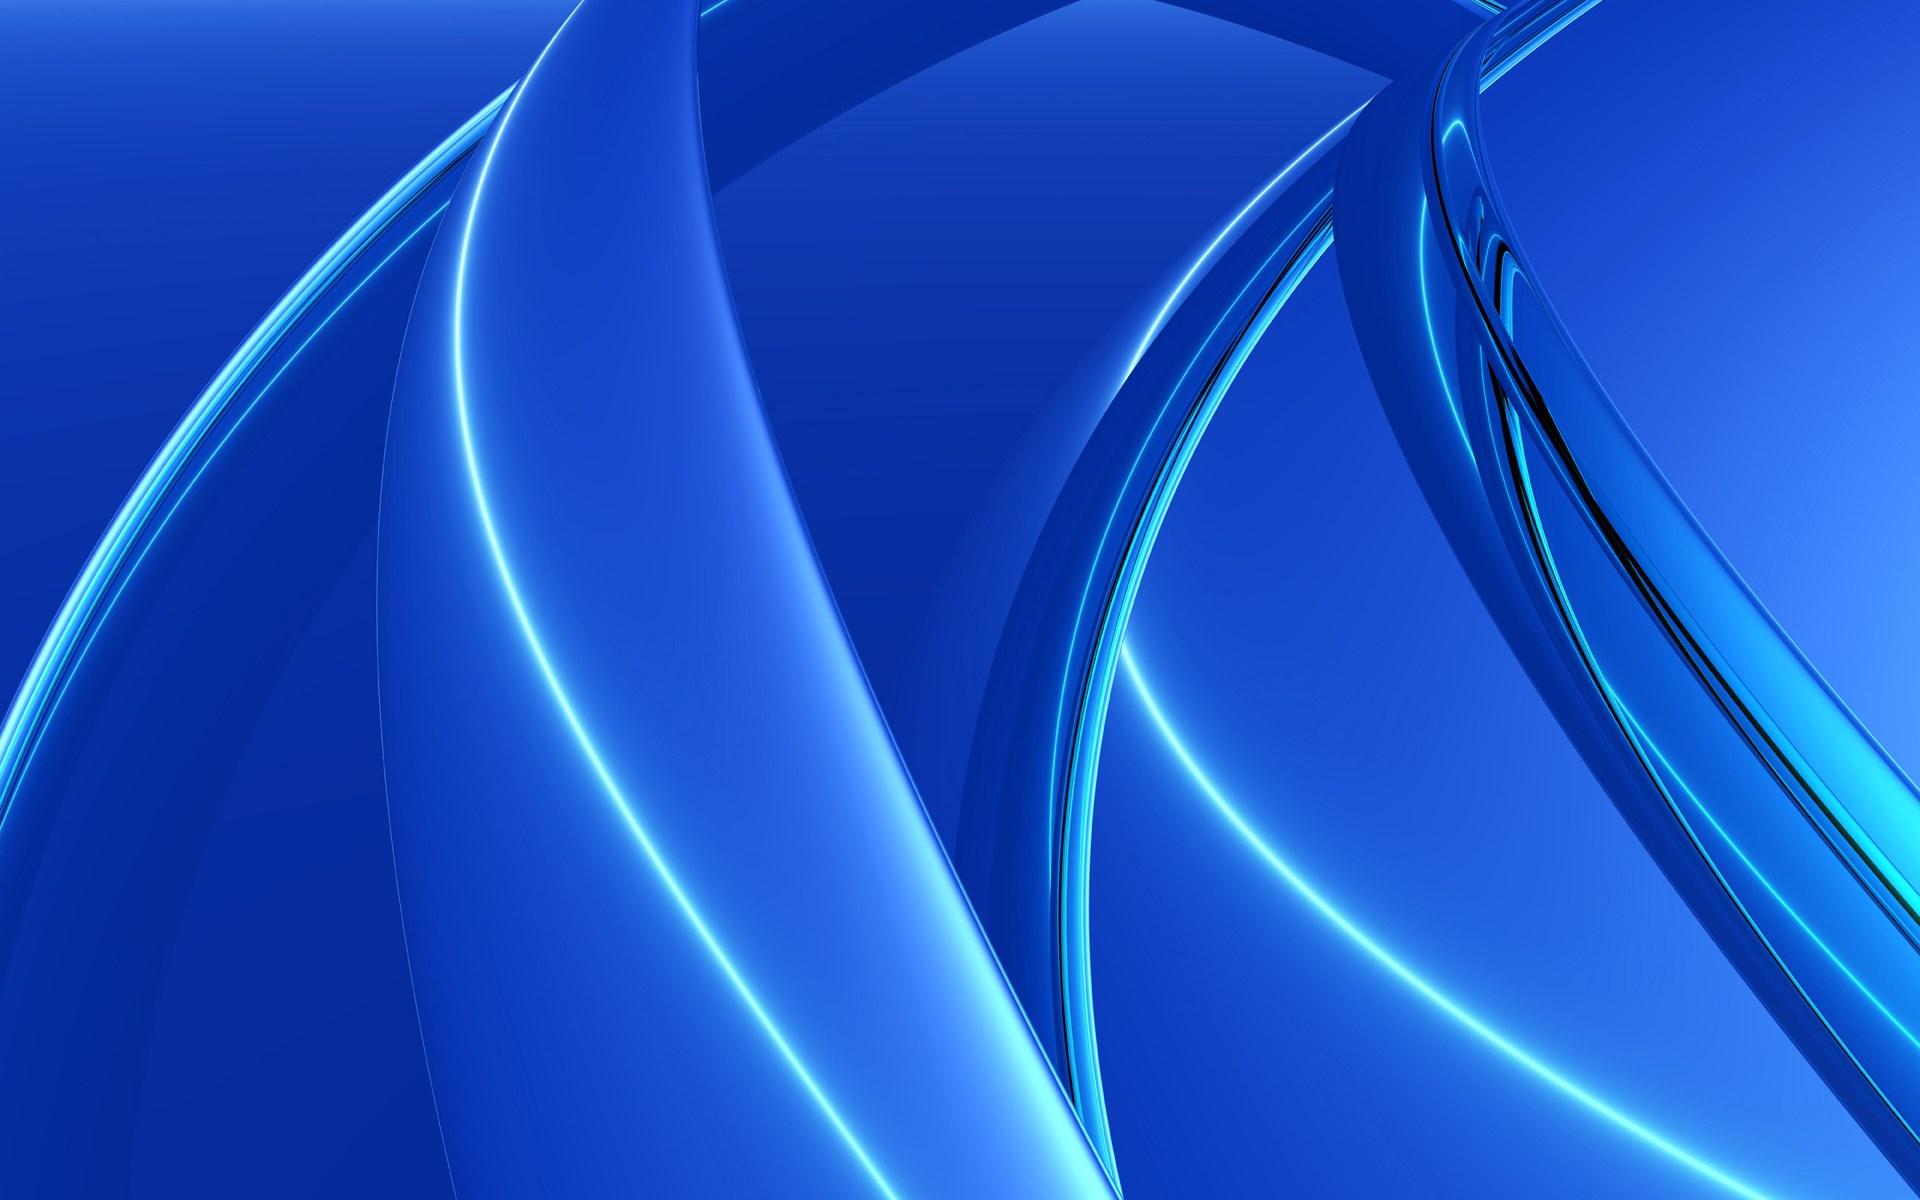 Cool blue wallpapers wallpapersafari for Blue wallpaper